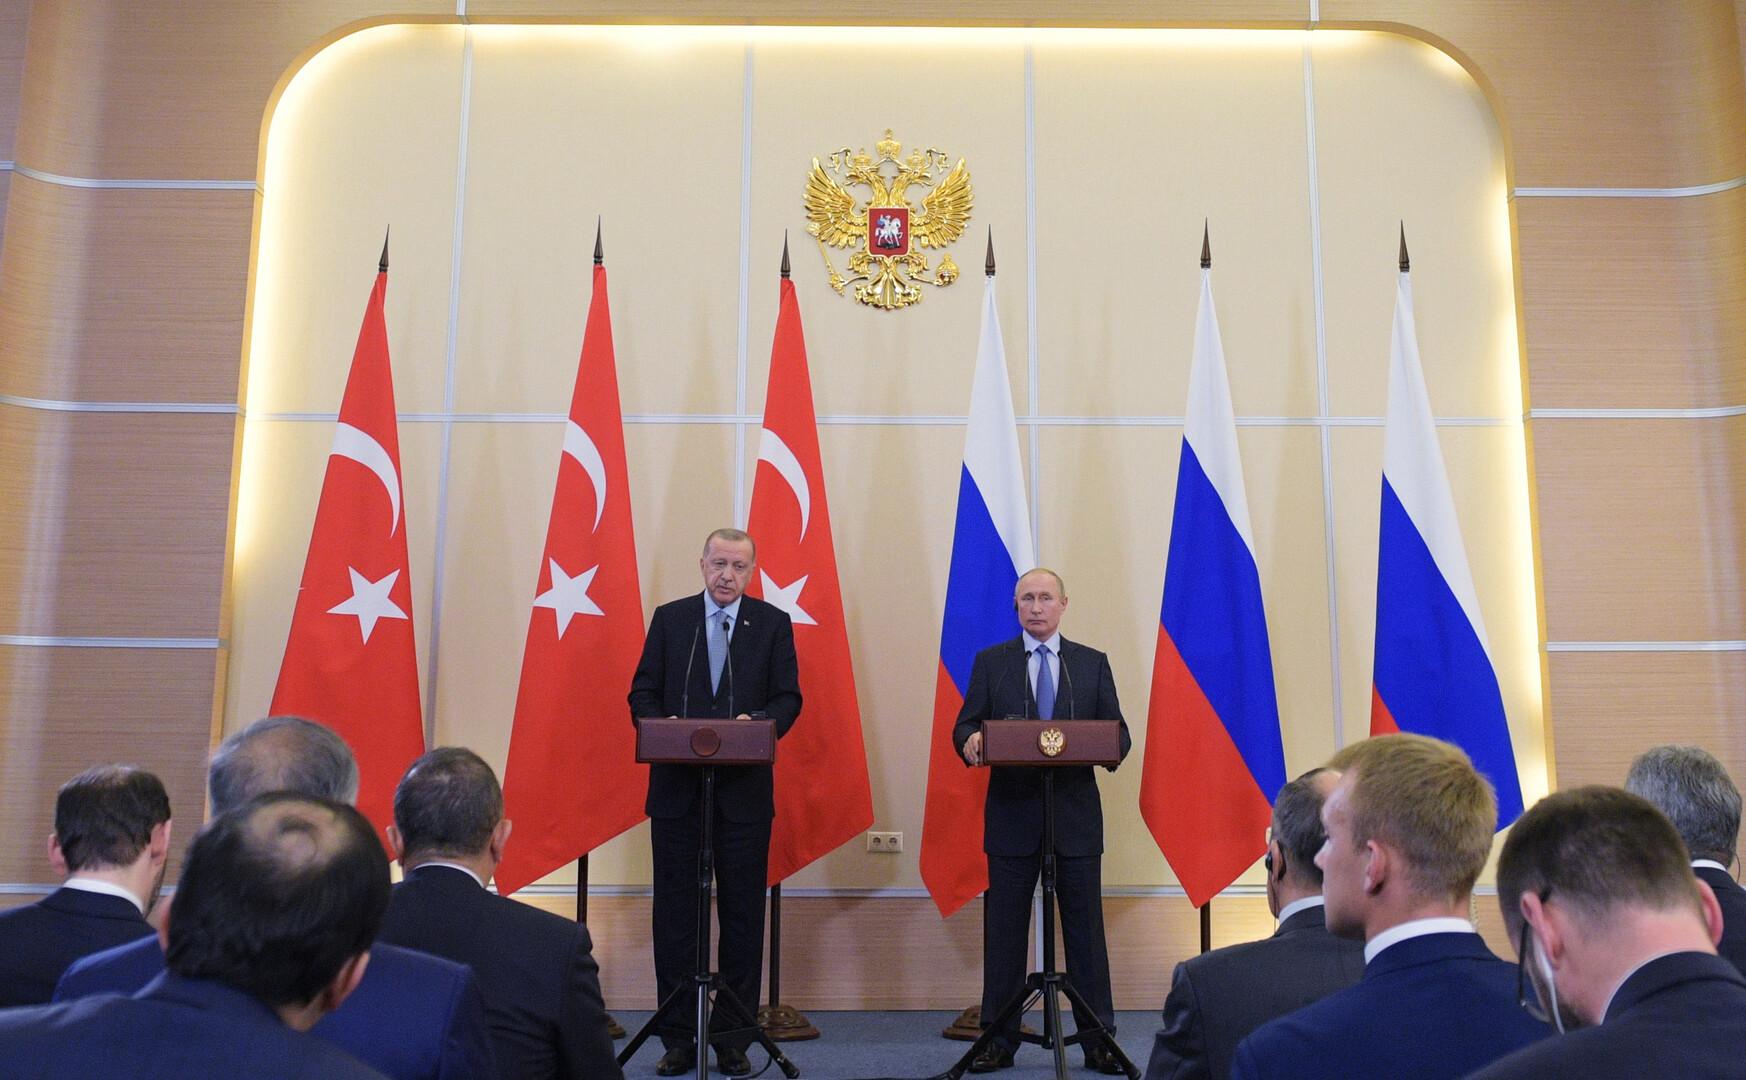 بنود الاتفاق الروسي - التركي بخصوص الوضع في شمالي سوريا -